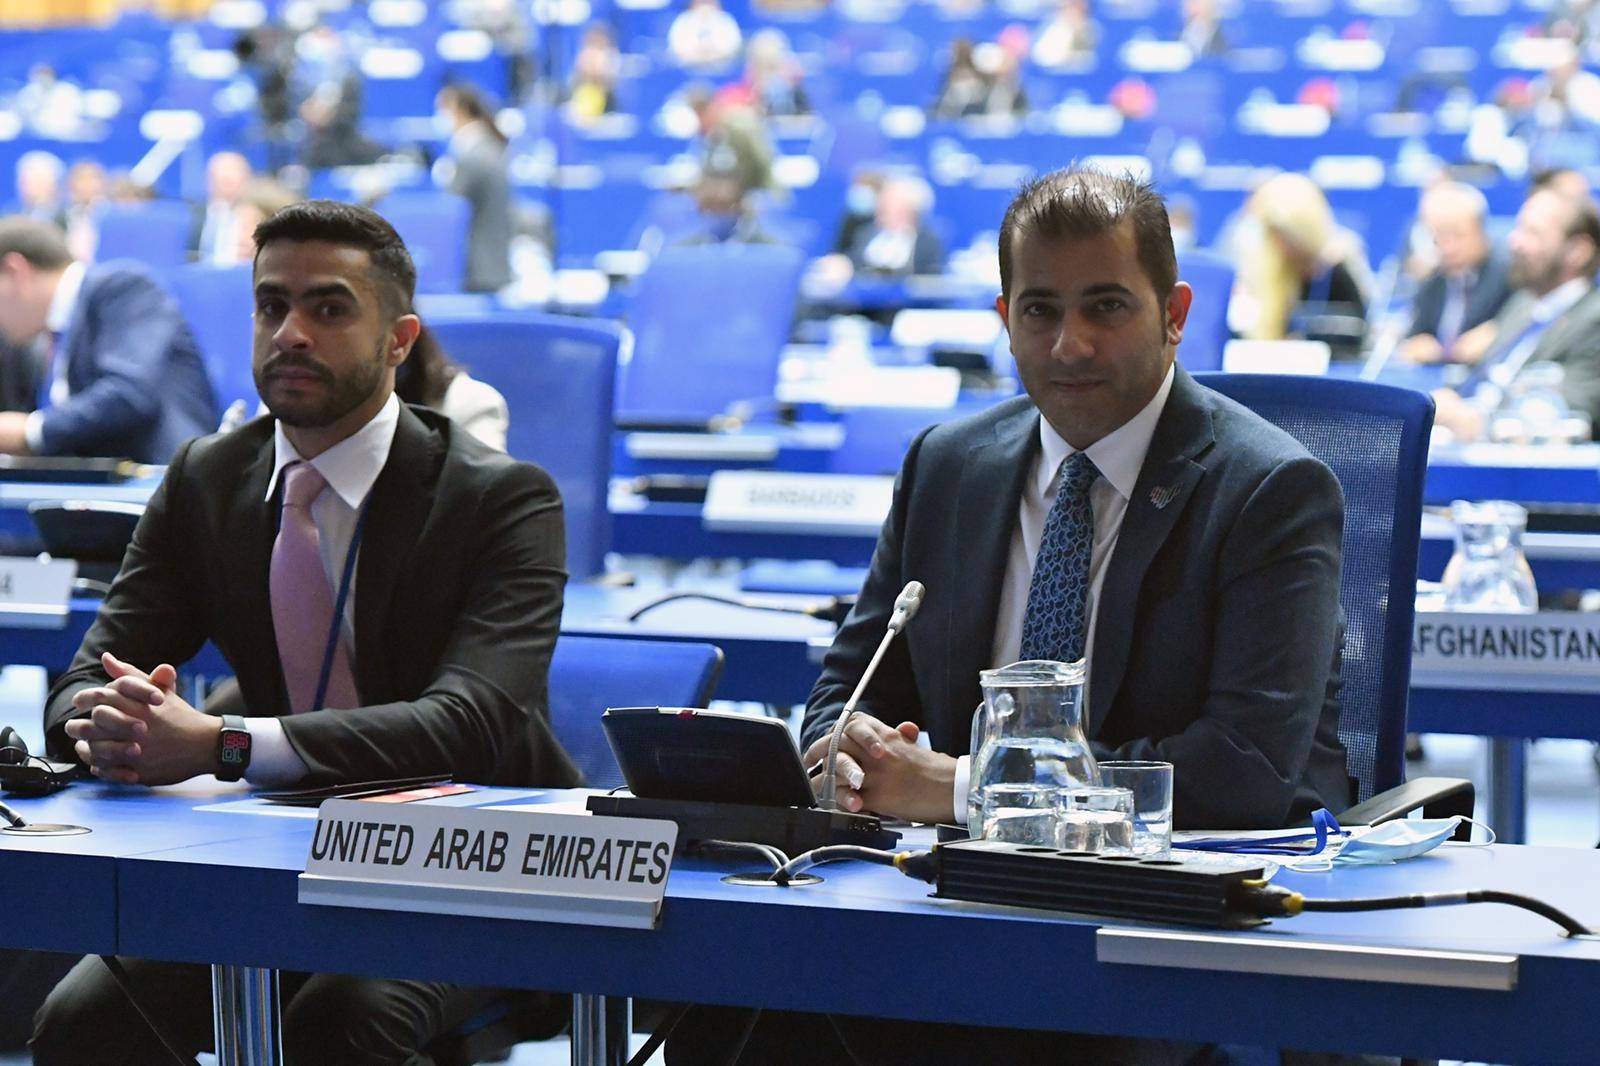 الإمارات تشارك في المؤتمر السنوي الـ 64 للوكالة الدولية للطاقة الذرية